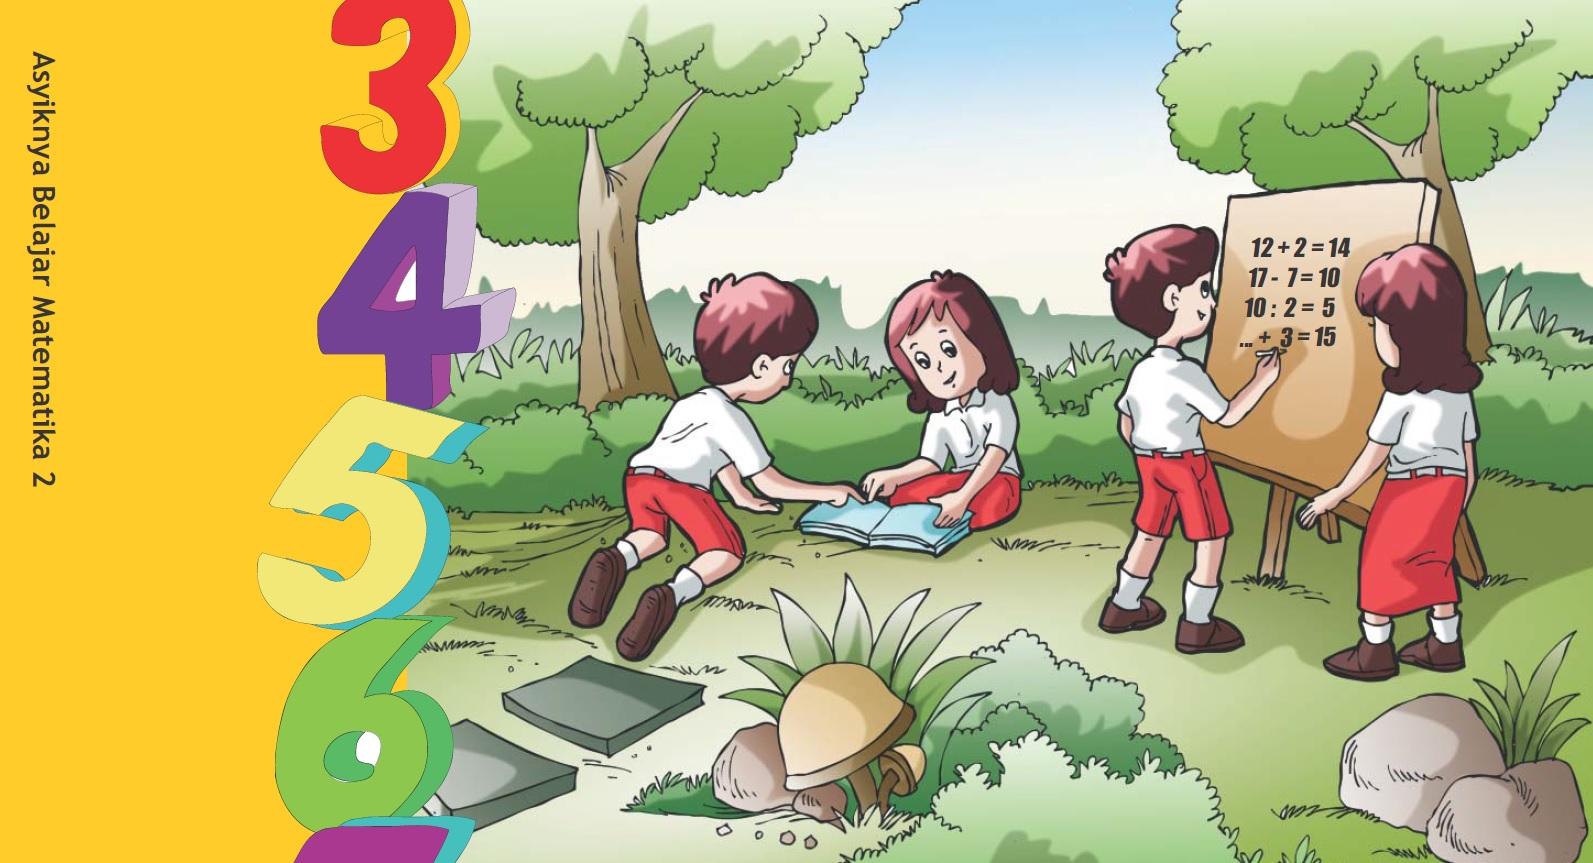 Buku Sekolah Elektronik Bse Untuk Sekolah Dasar Kelas Ii Dua Defantri Com